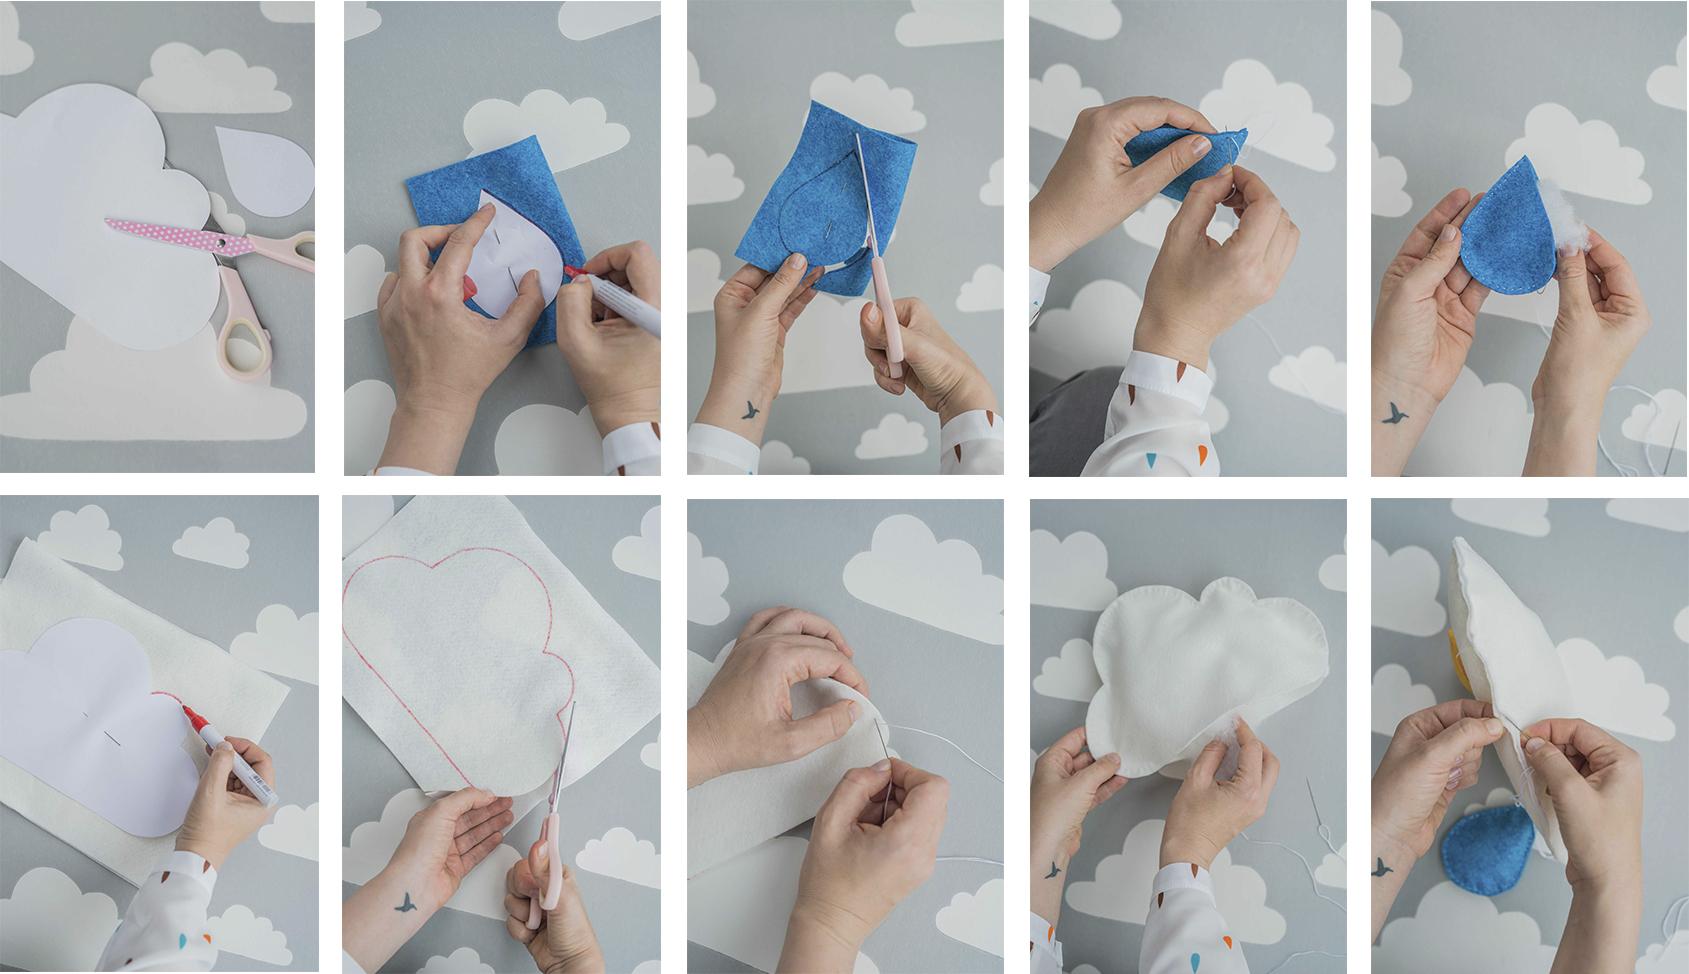 stappenplan wolkenmobiel